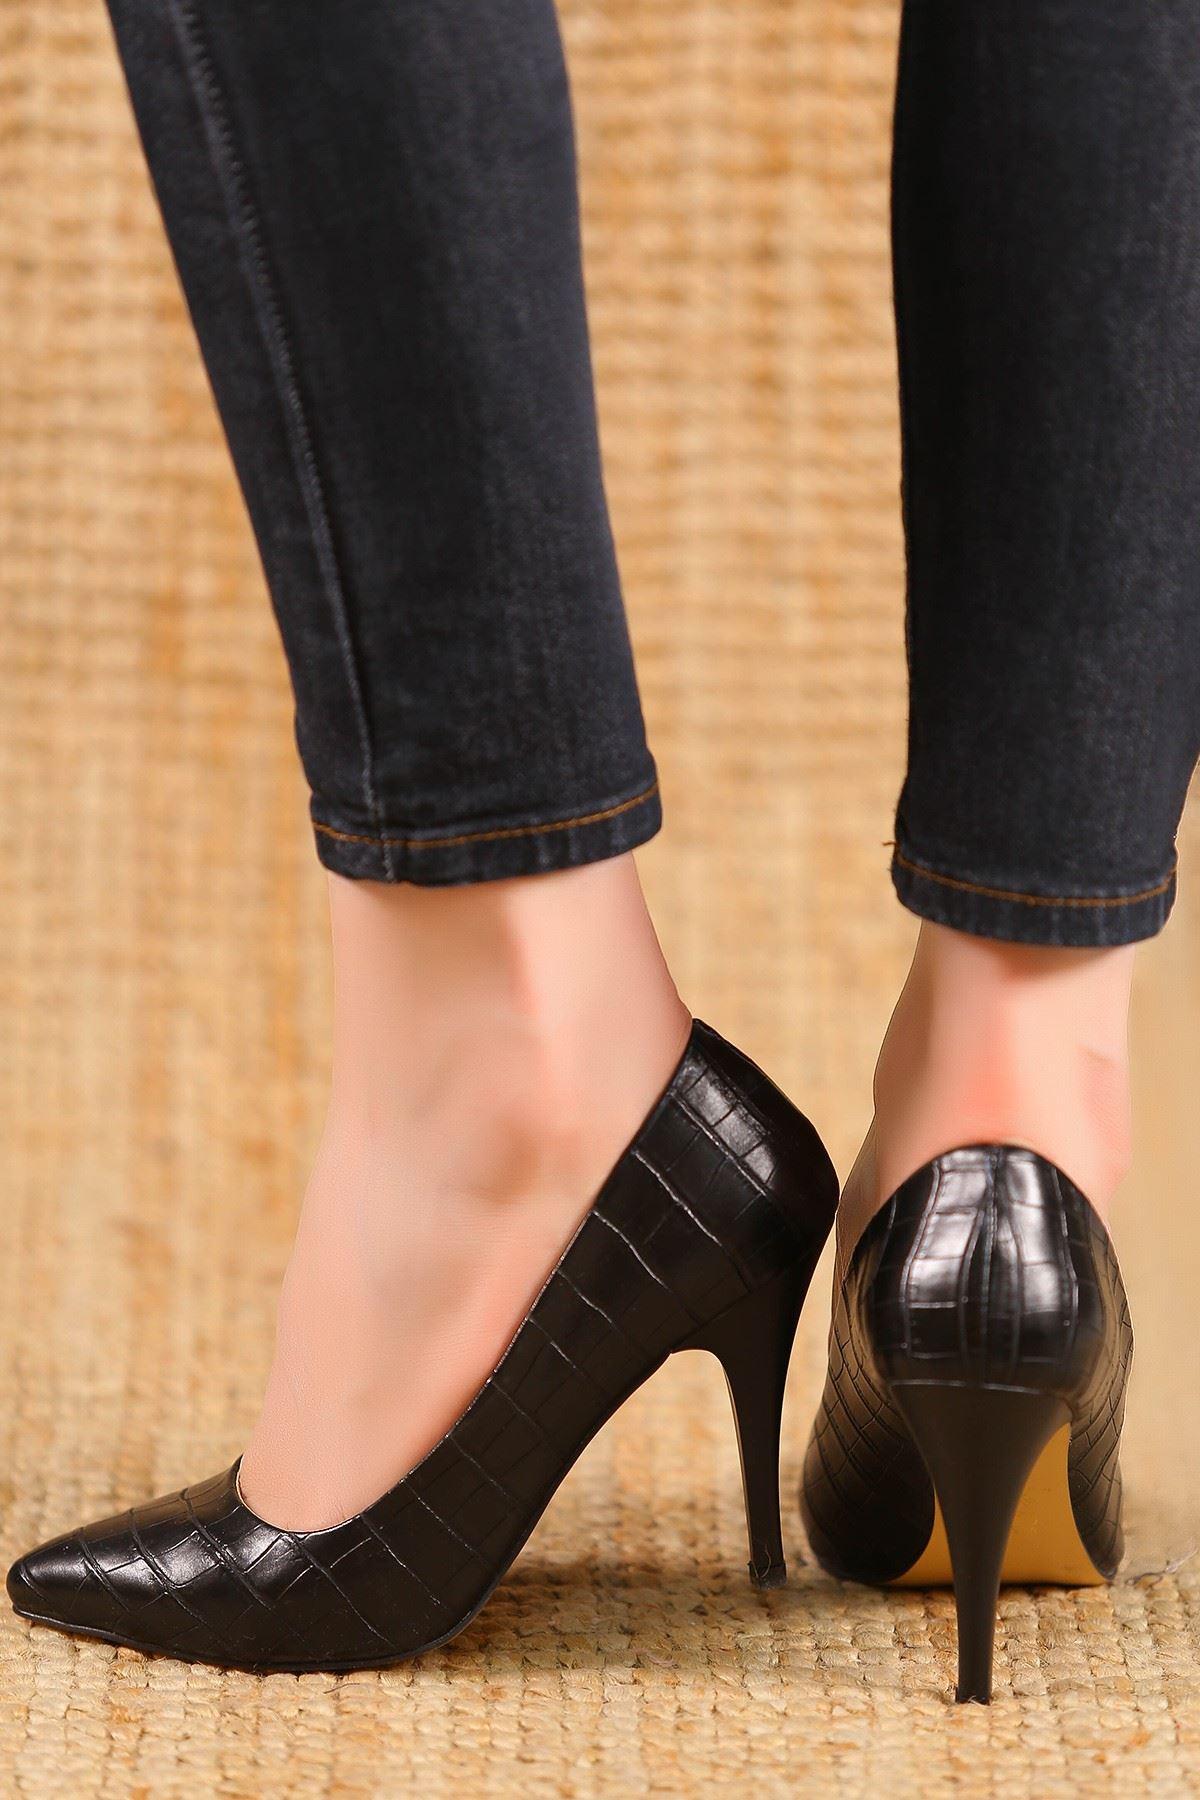 9Cm Topuklu Ayakkabı Krokosiyah - 5177.264.